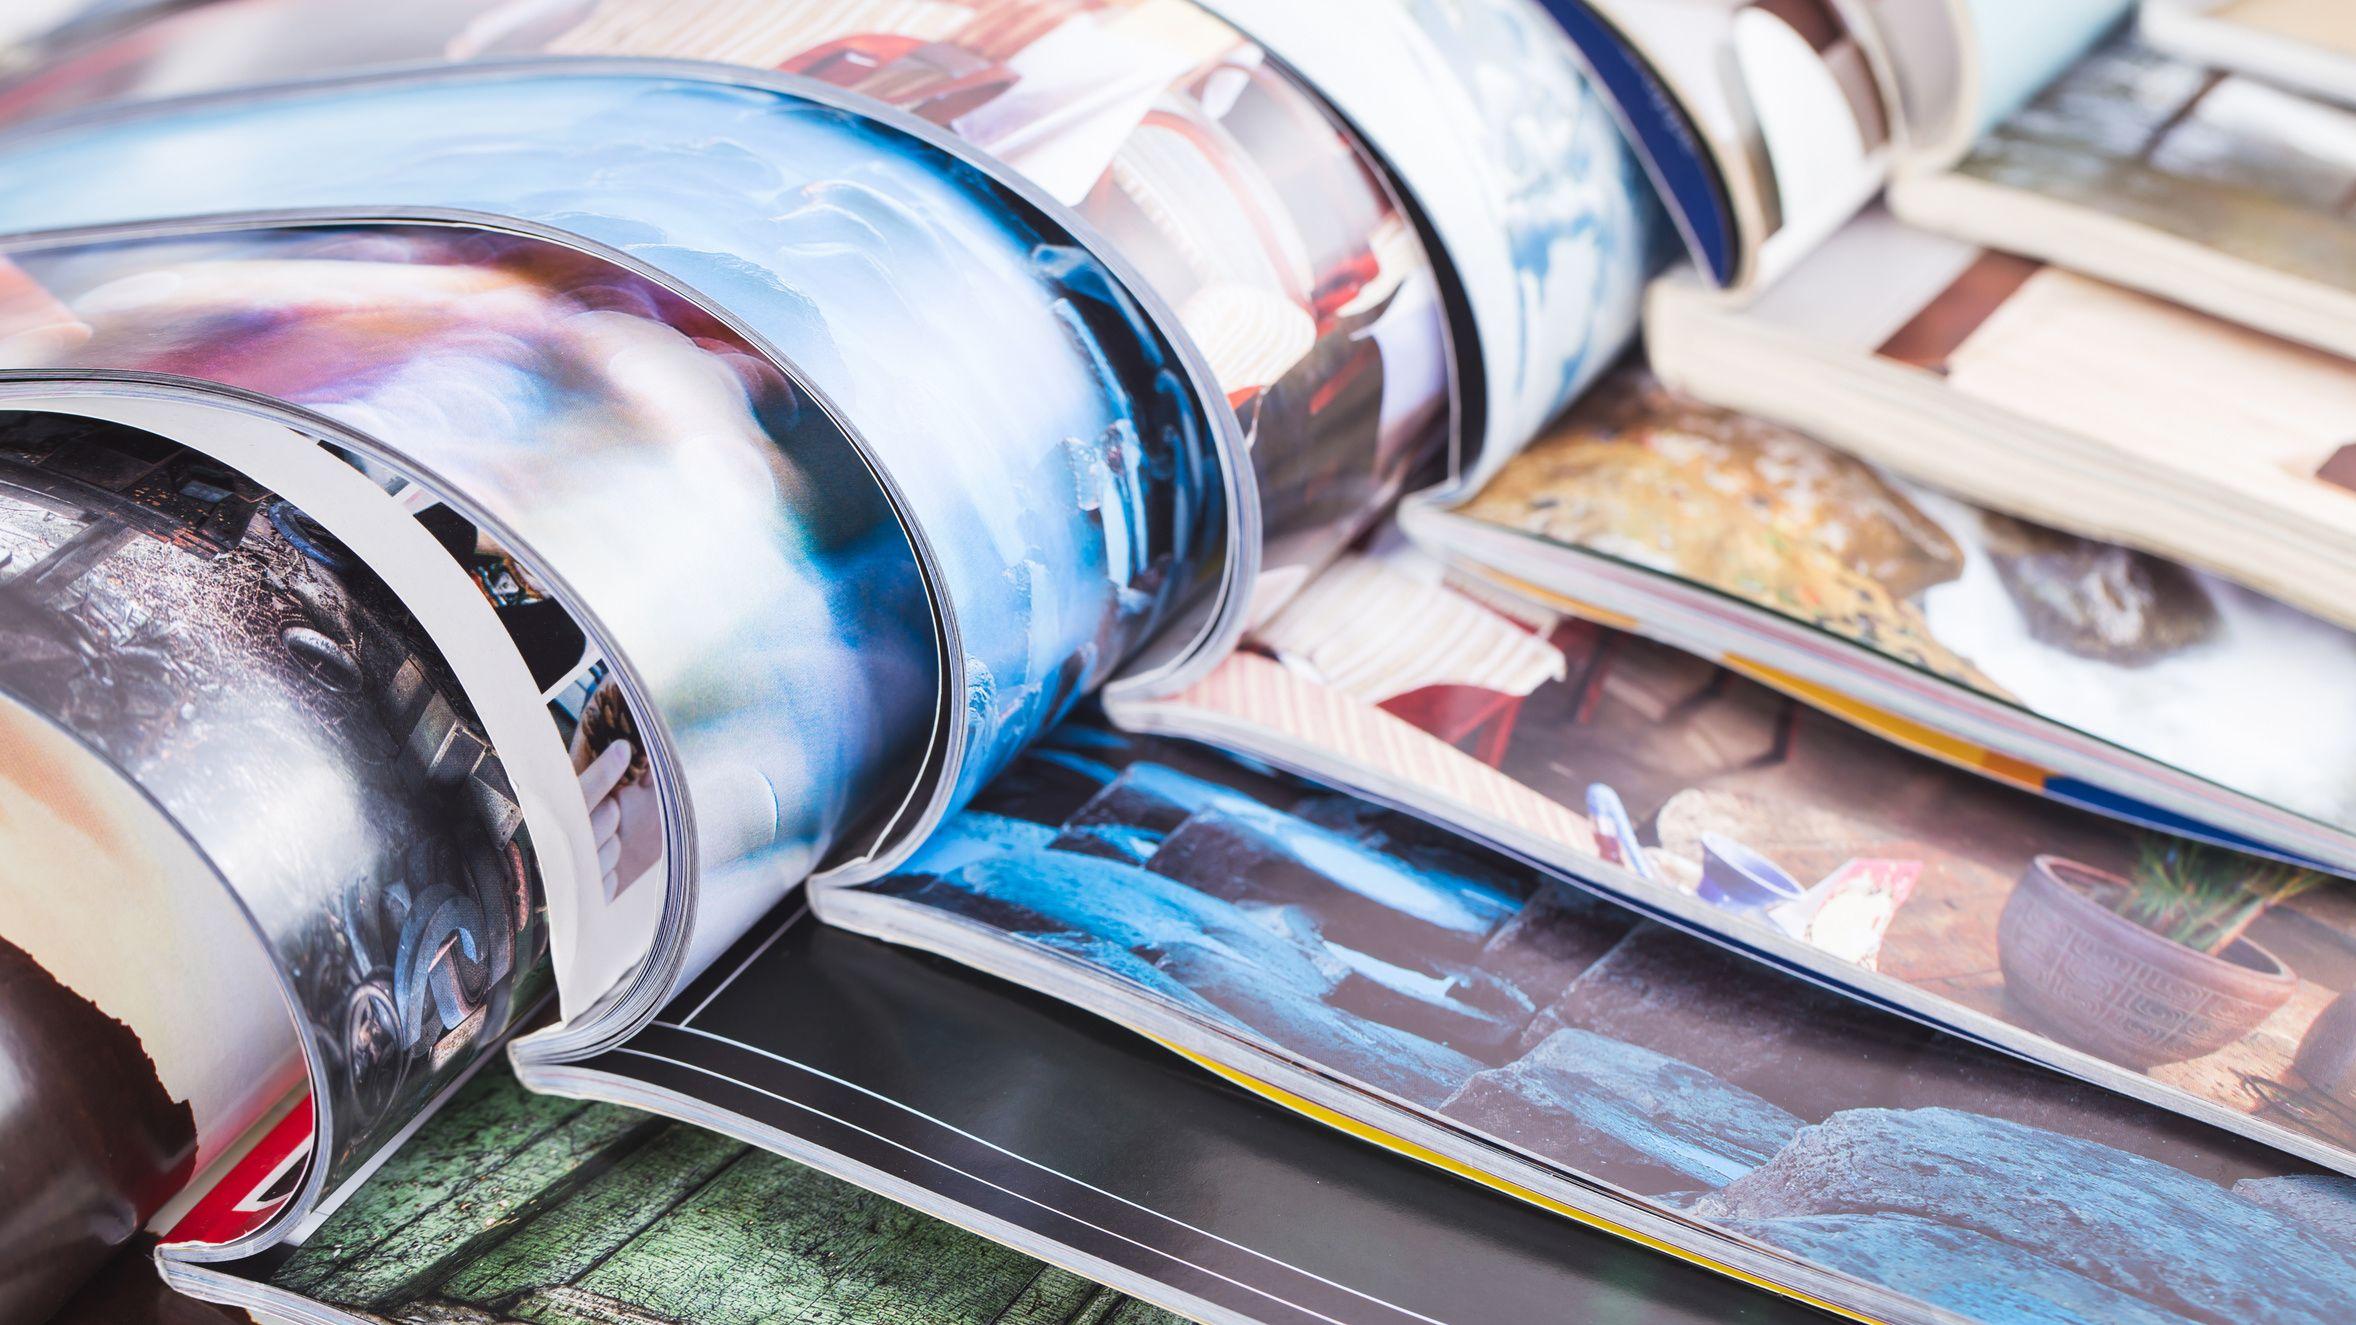 MA Pressemedien: Interior- und Kochmagazine trotzen dem Abwärtstrend